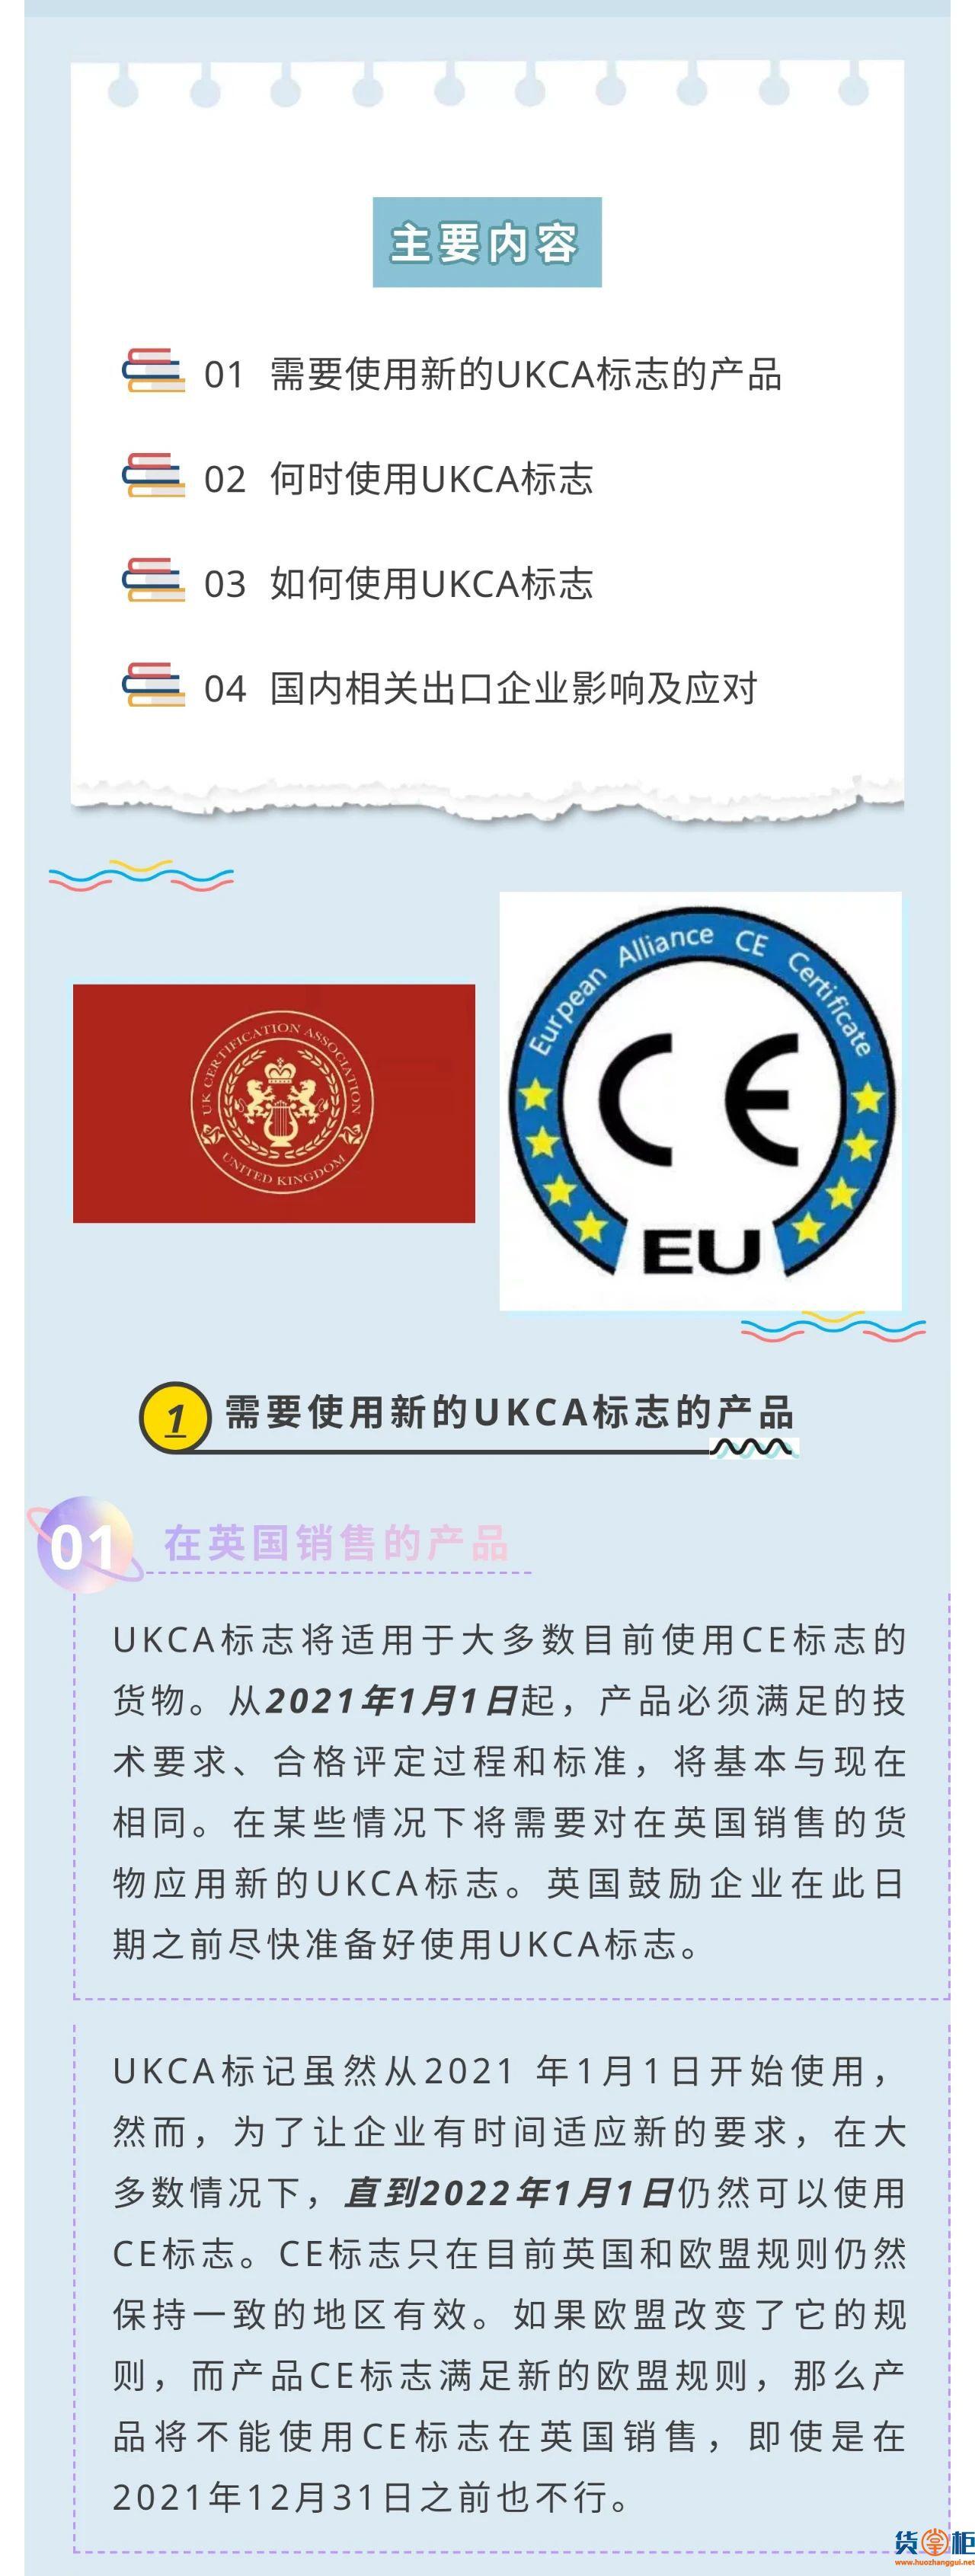 英国将使用新的UKCA合格标志,出口欧盟、英国将面临双重认证,影响需关注